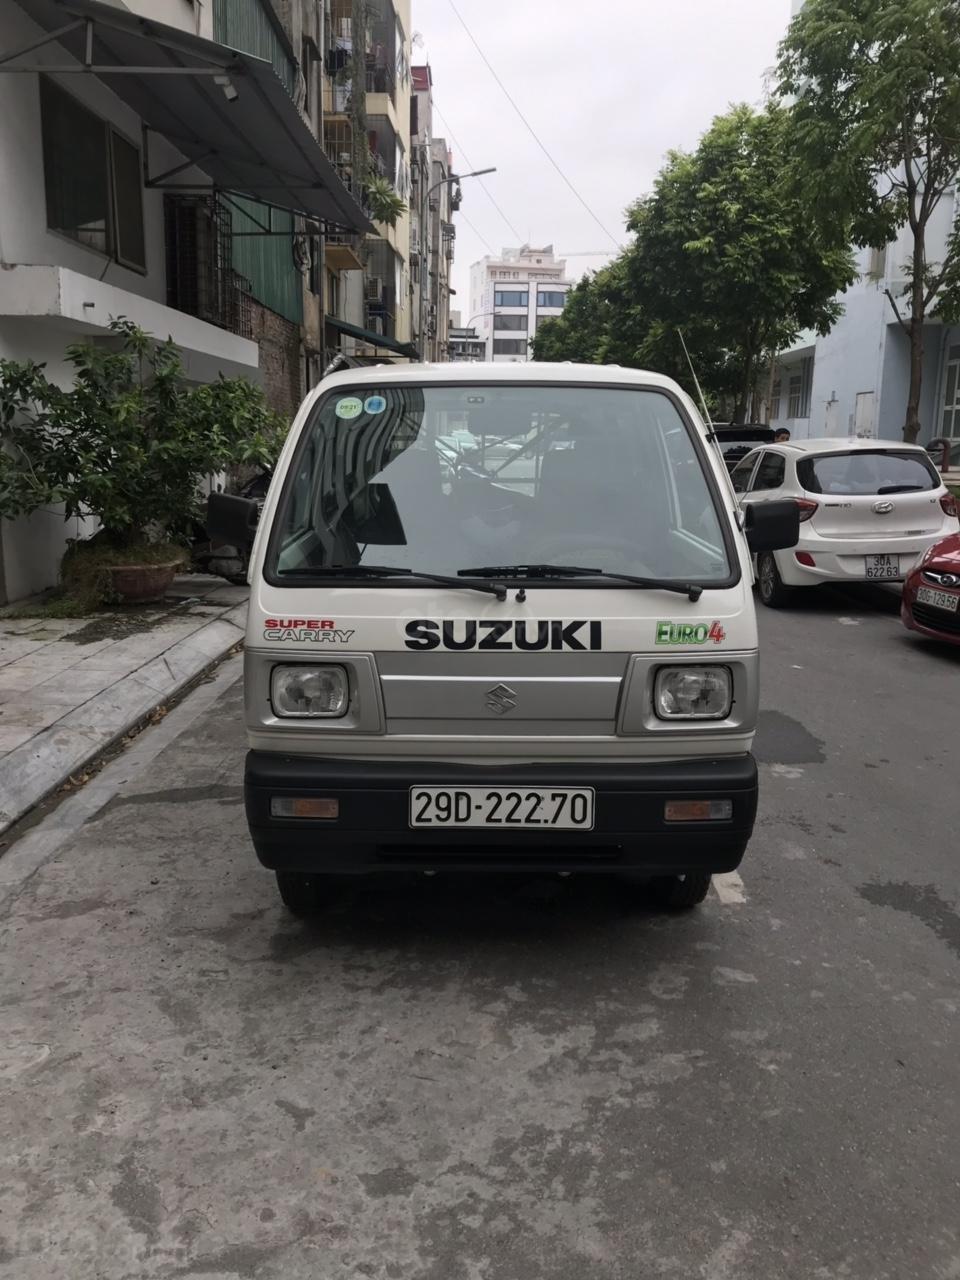 Cực hot Suzuki tải Van siêu lướt 2019 biển Hà Nội (1)